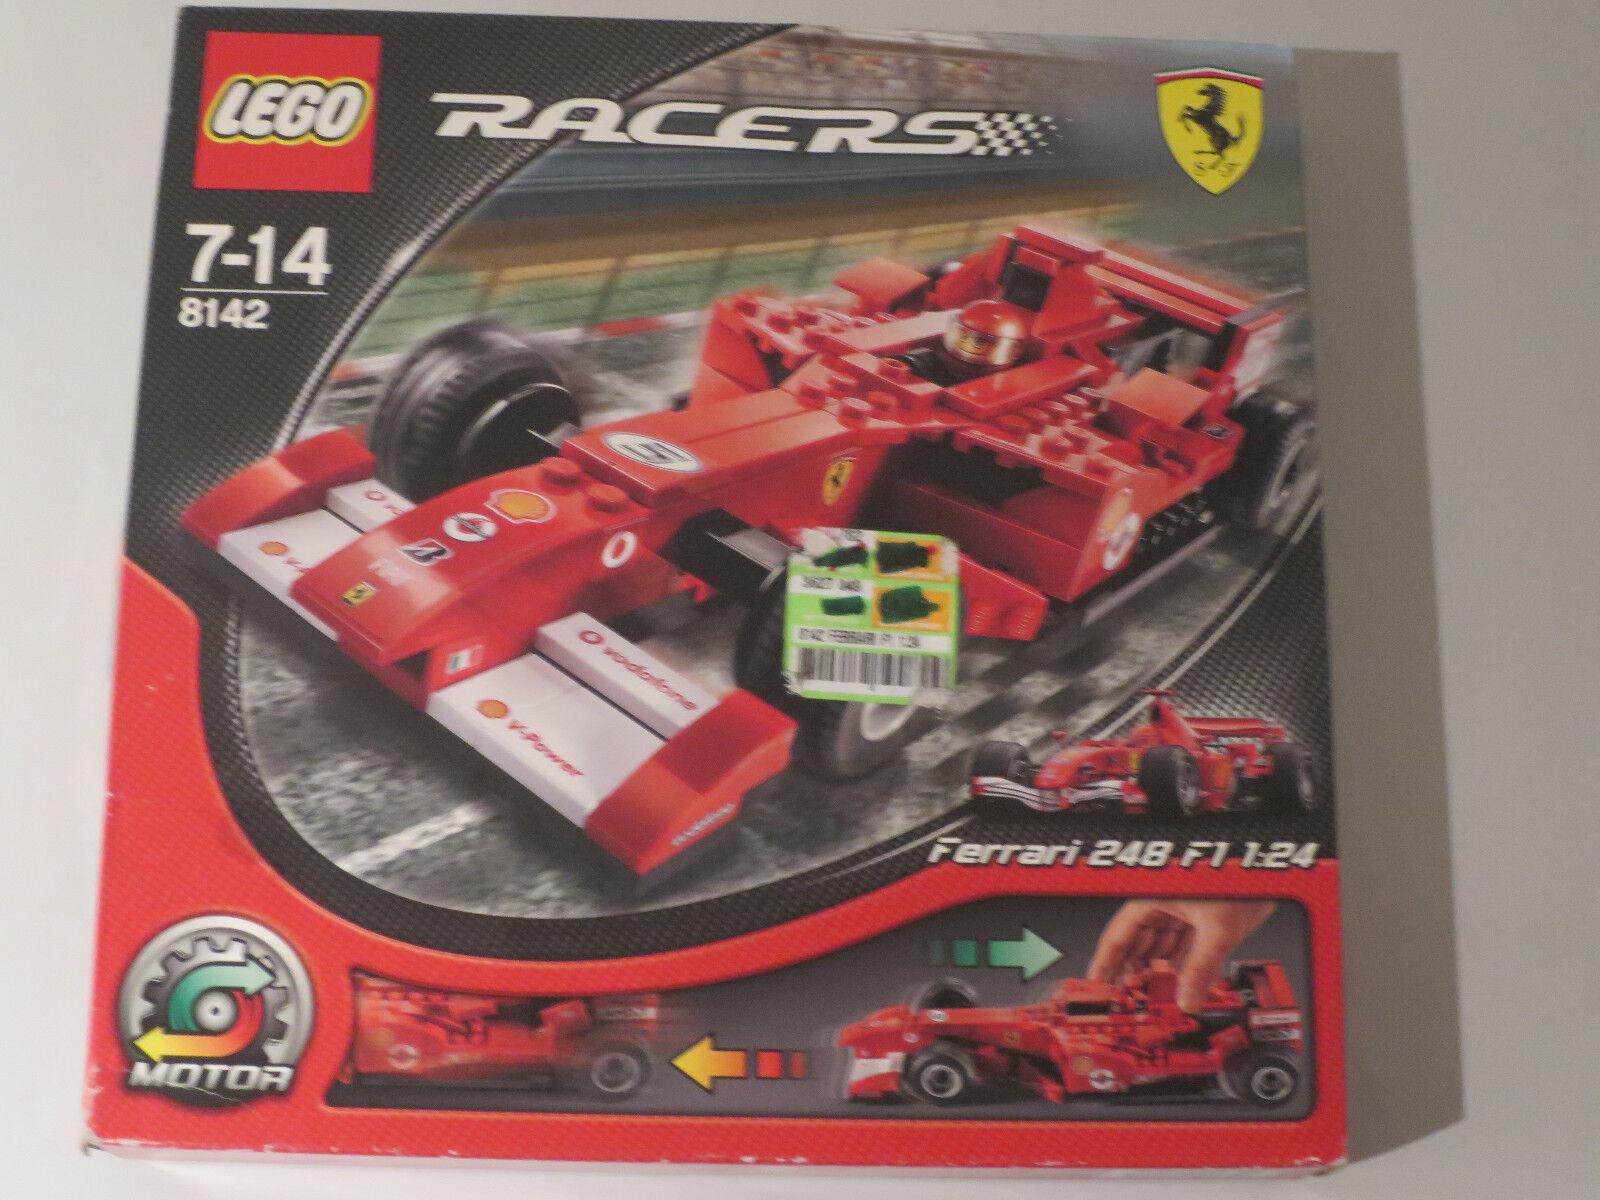 (MB) LEGO Racers 8142 Ferrari Top Neuf Emballage D'Origine  Scellé Top Rare  préférentiel